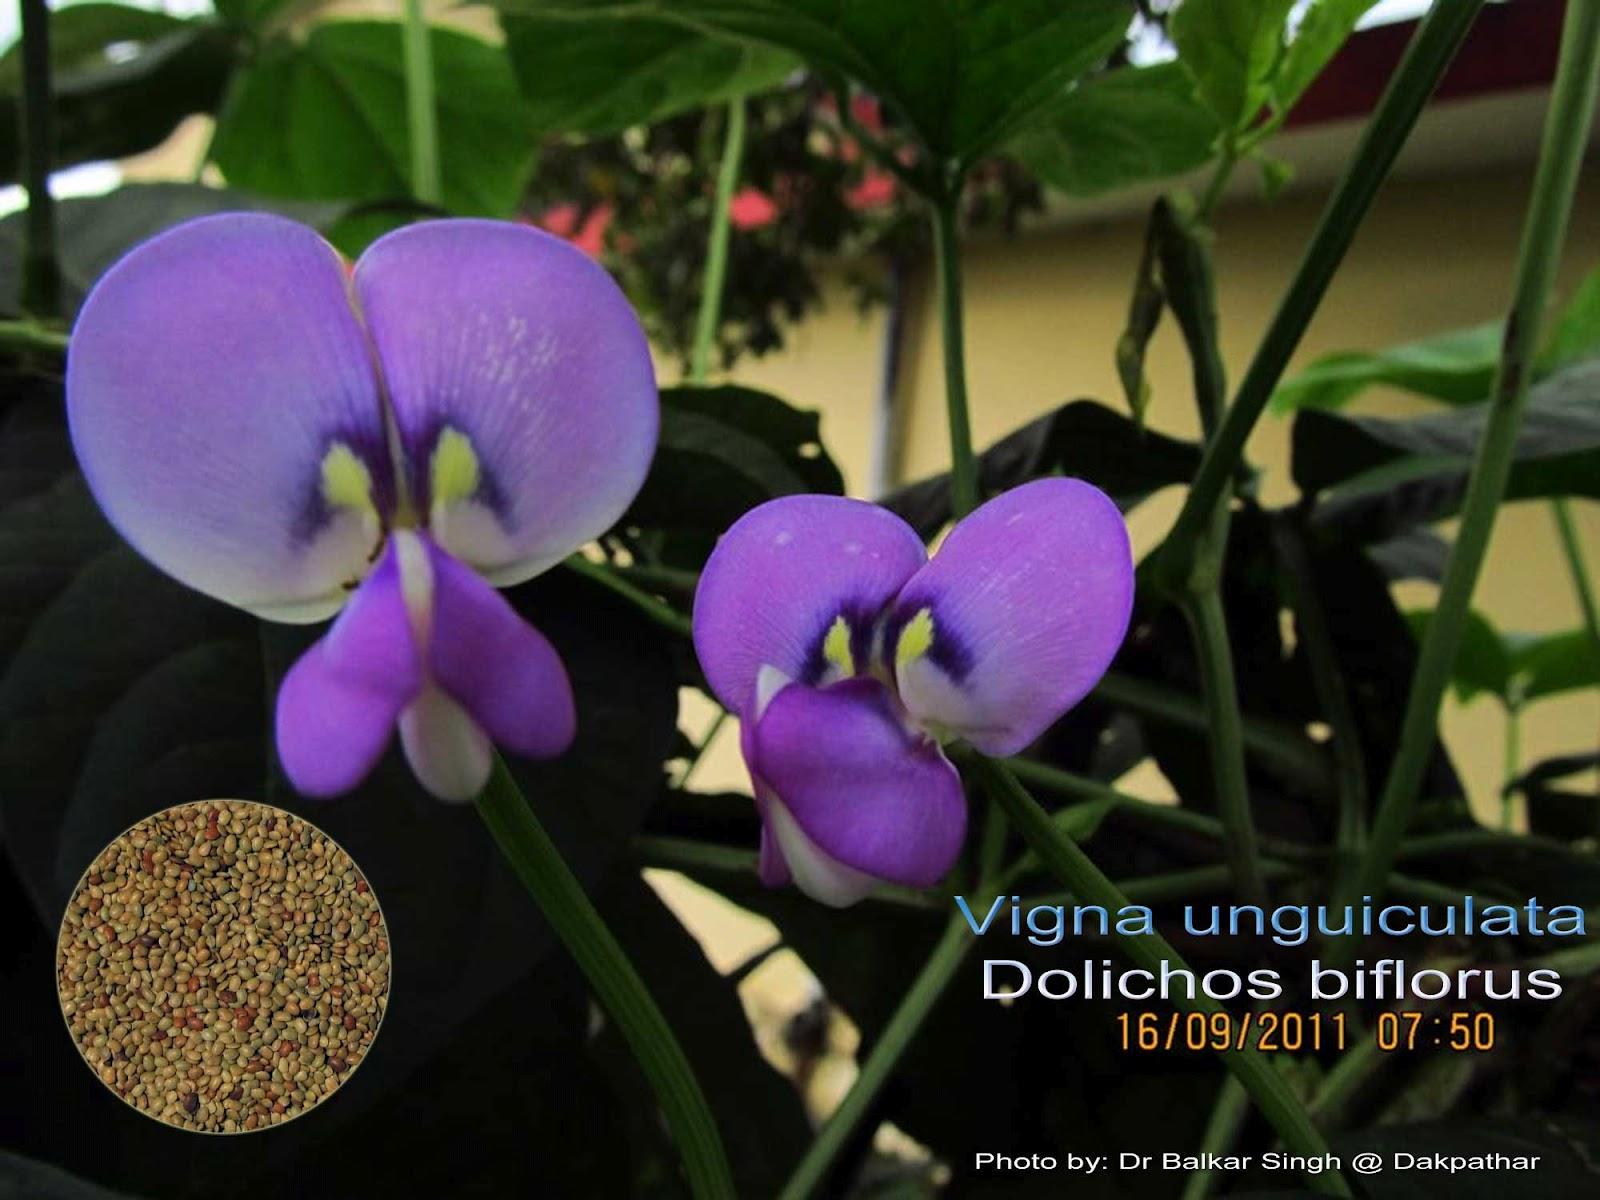 Medicinal Plants: Vigna unguiculata, Dolichos biflorus Kollu